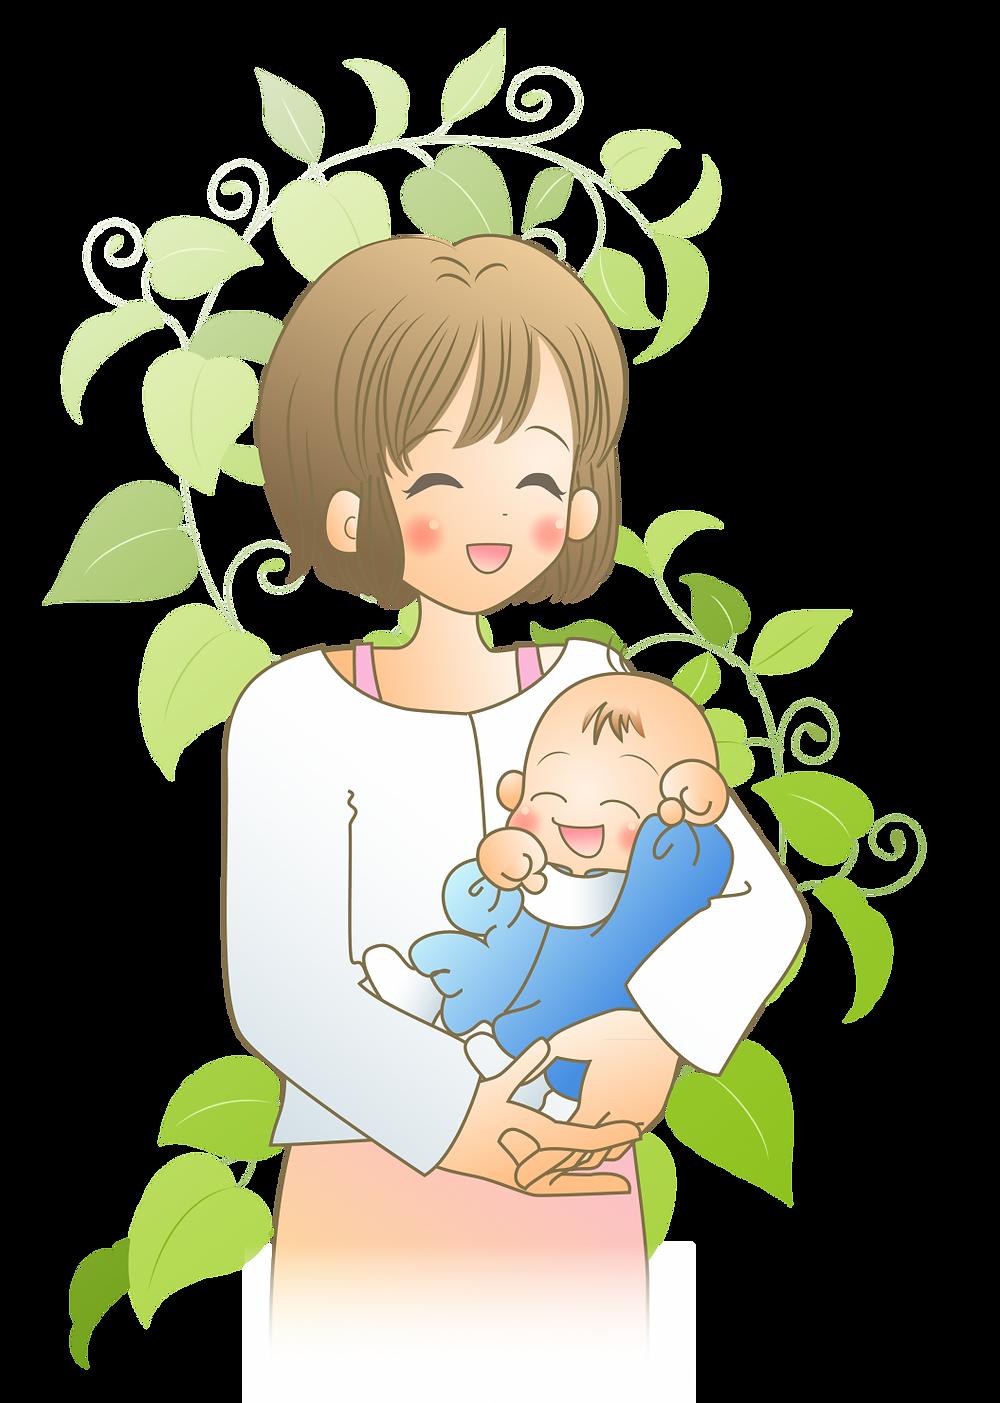 産後の整体 産後骨盤矯正 赤ちゃんもママも笑顔で